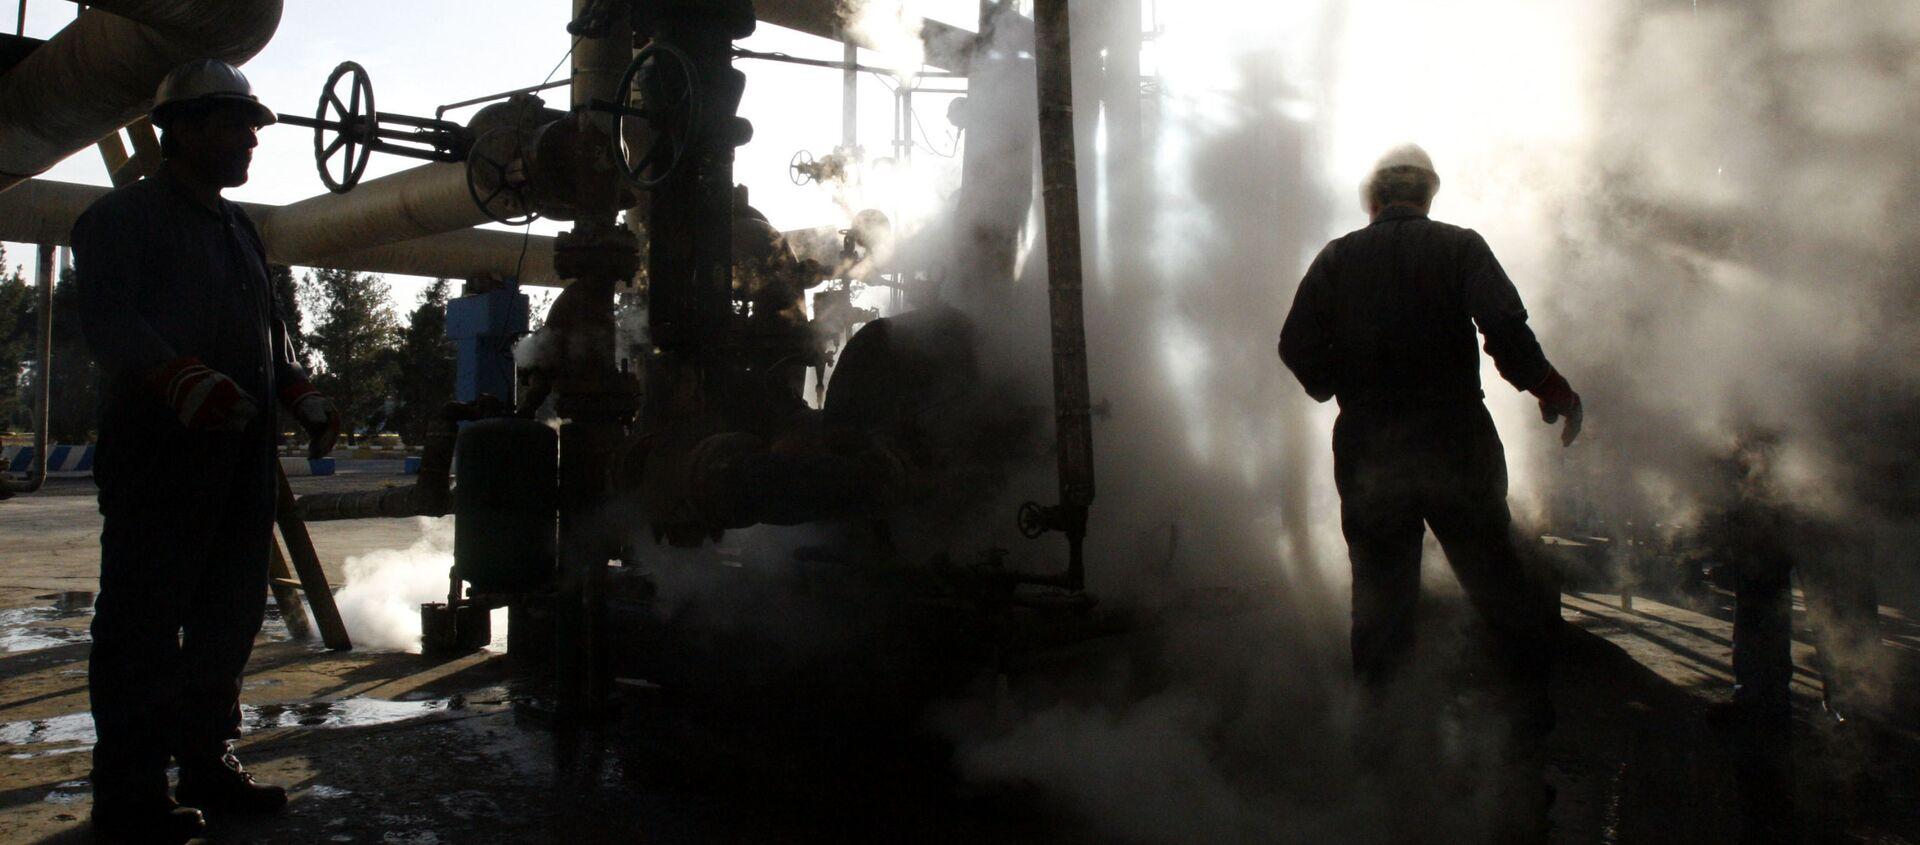 Pracownik w rafinerii ropy naftowej w Iranie - Sputnik Polska, 1920, 29.05.2021